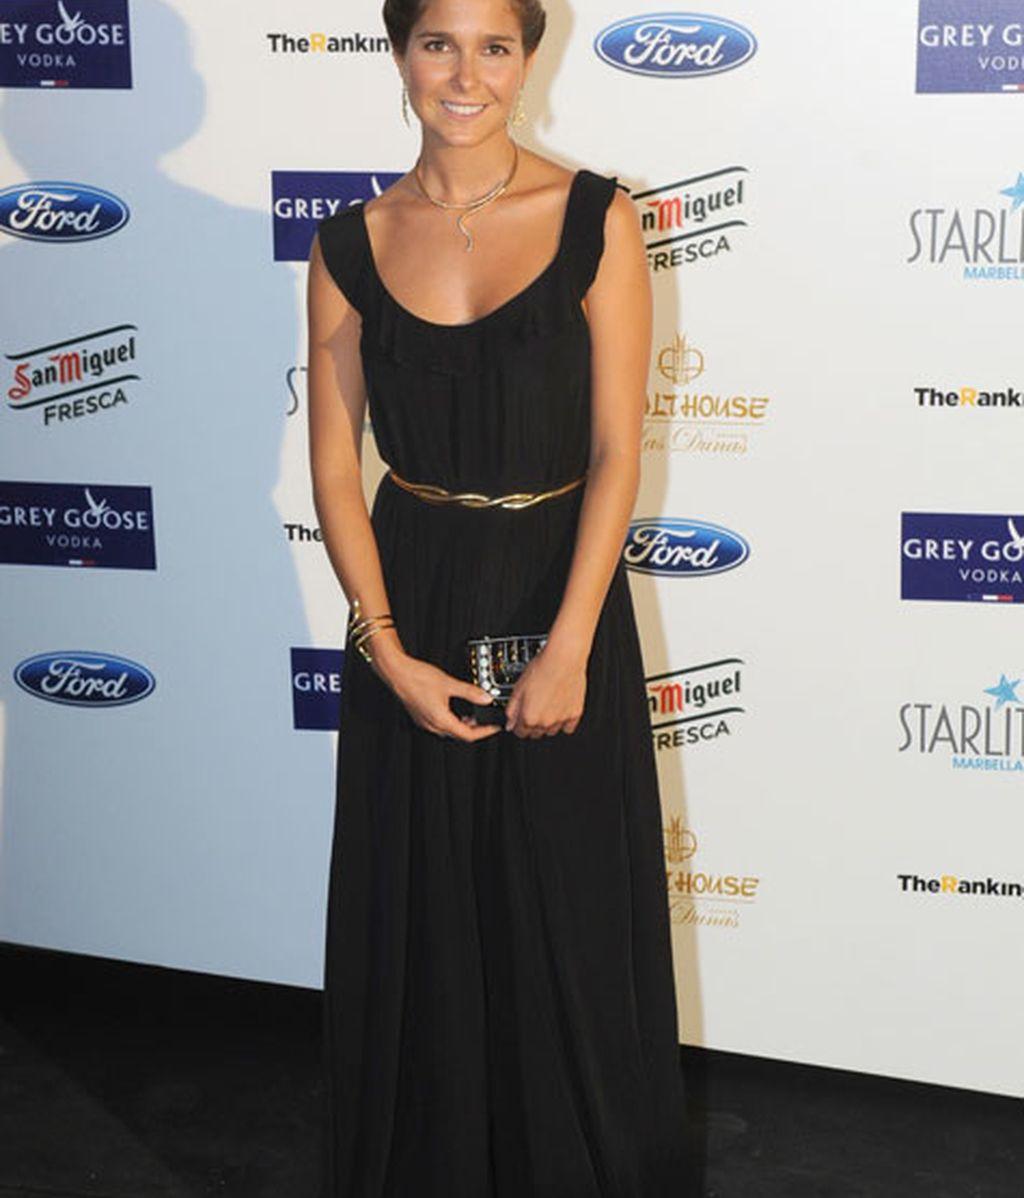 La actriz Natalia Sánchez, muy elegante con un vestido negro